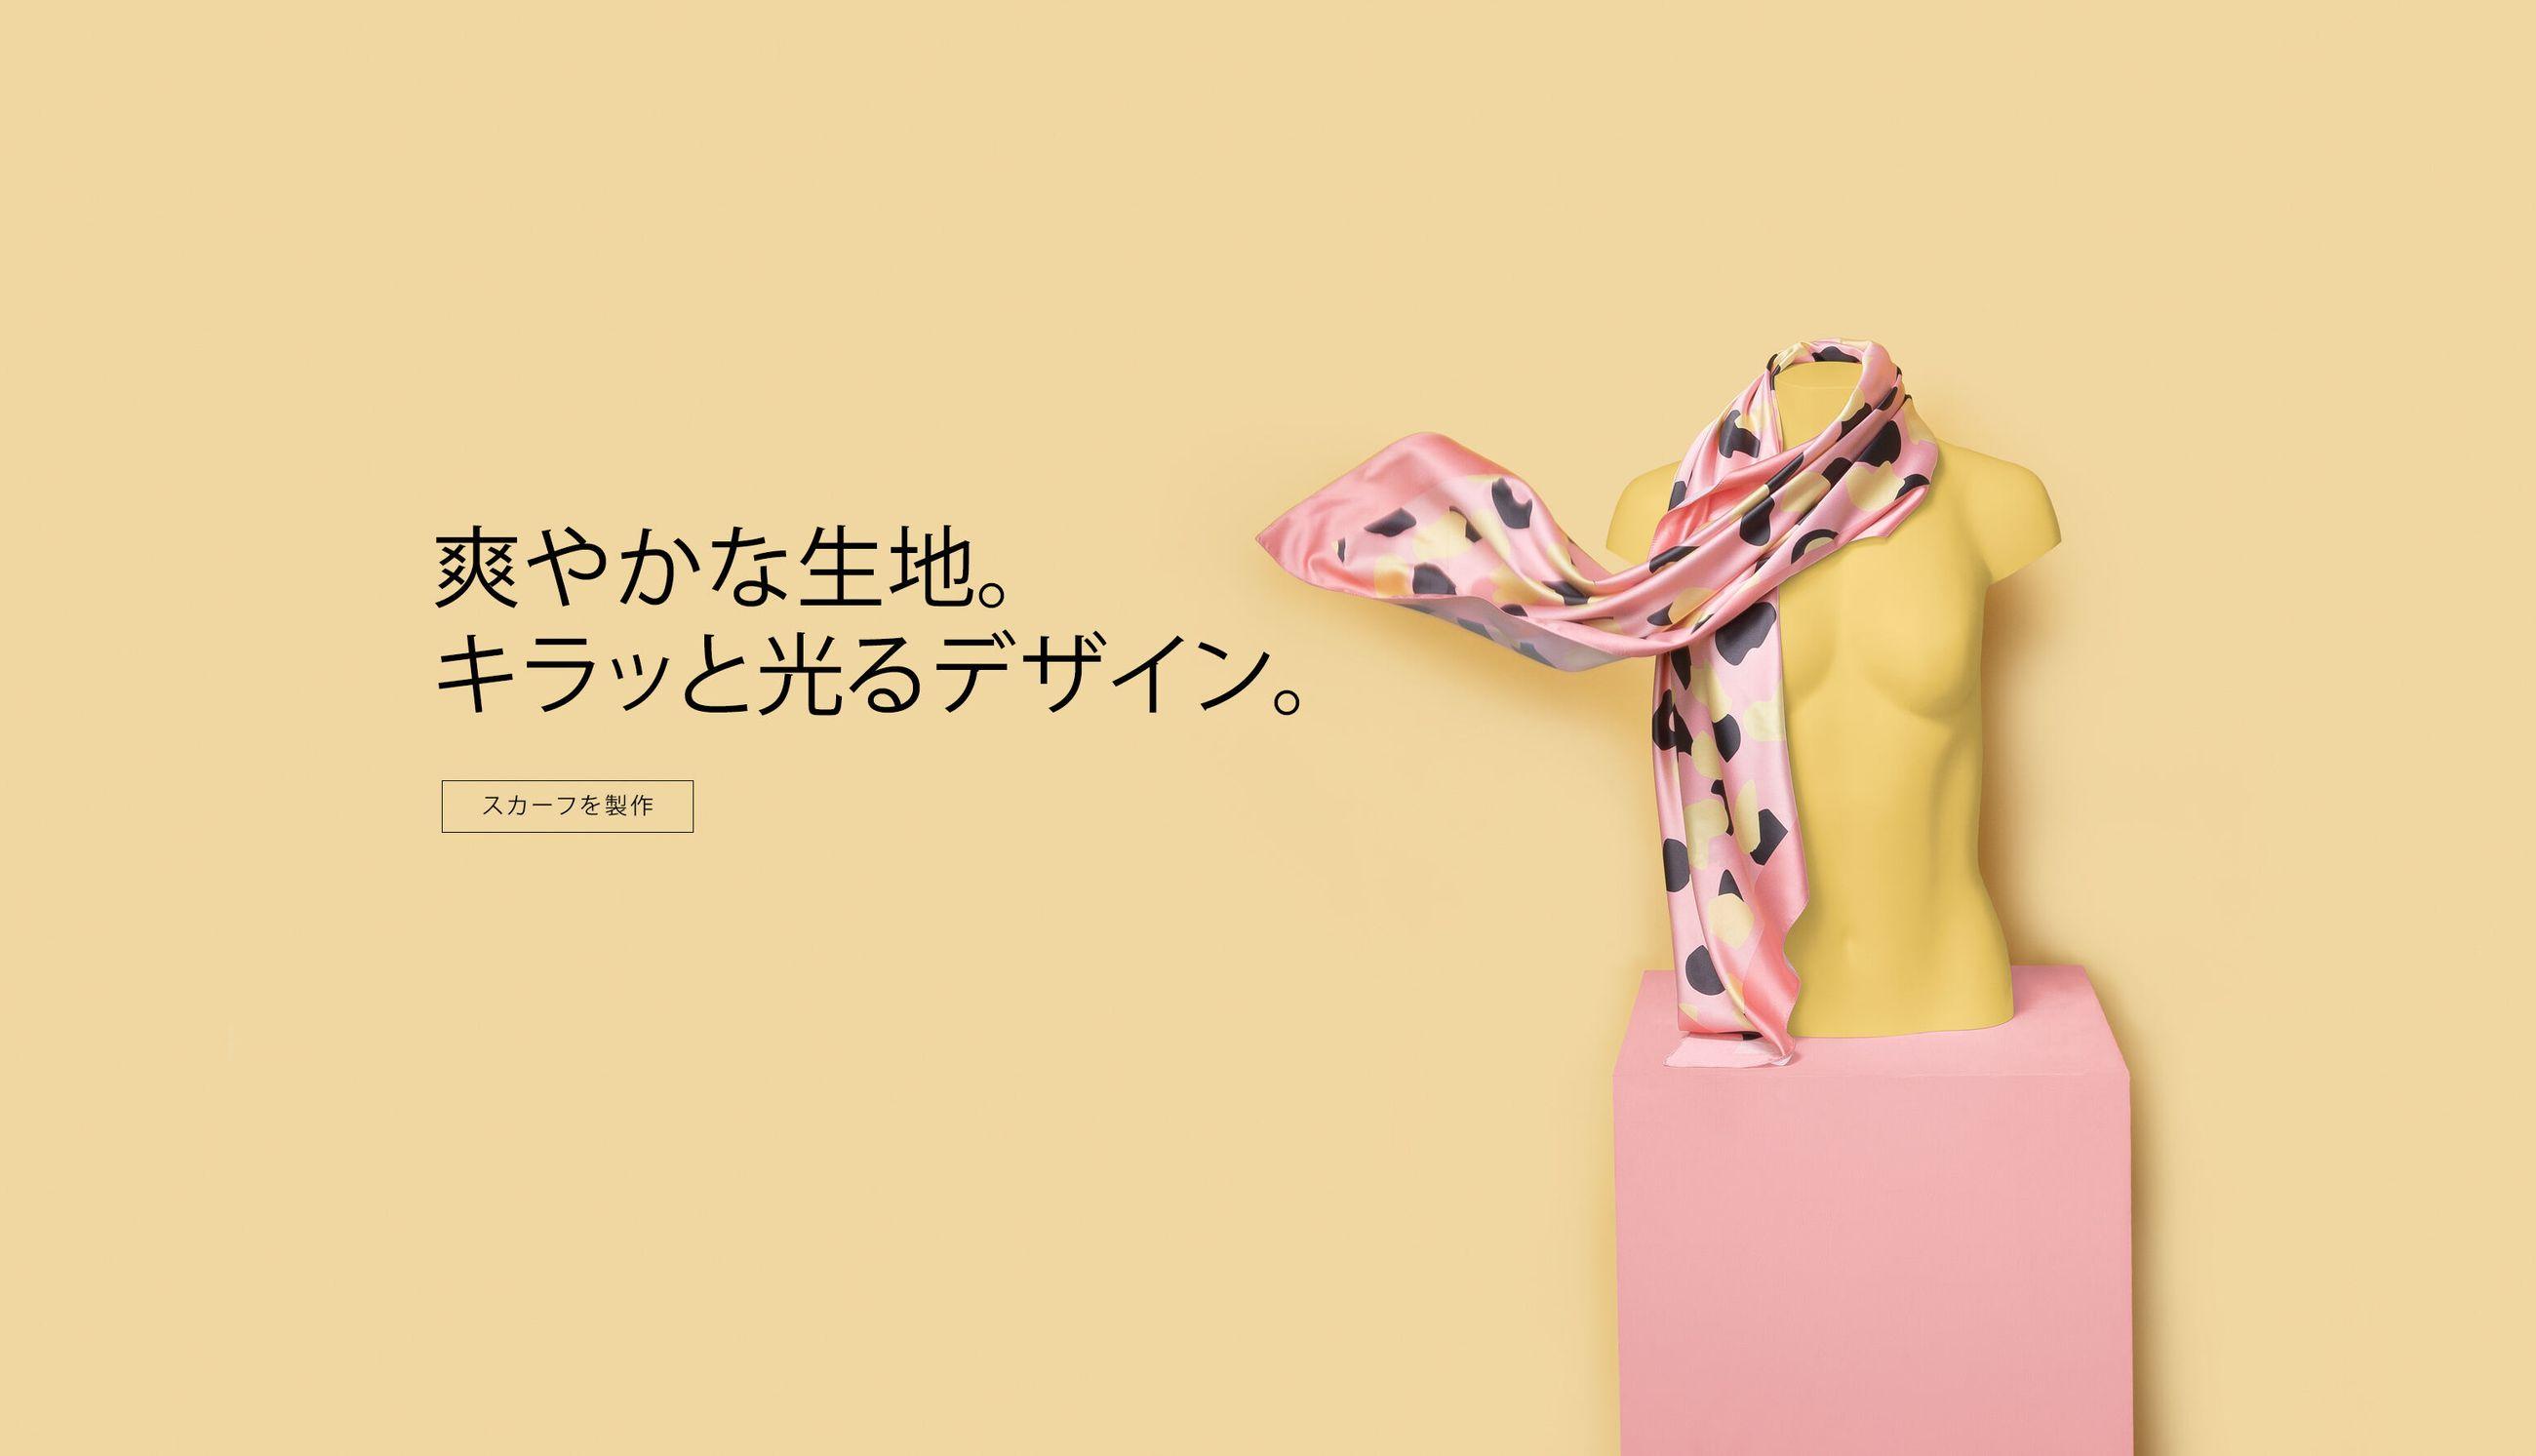 スカーフを製作